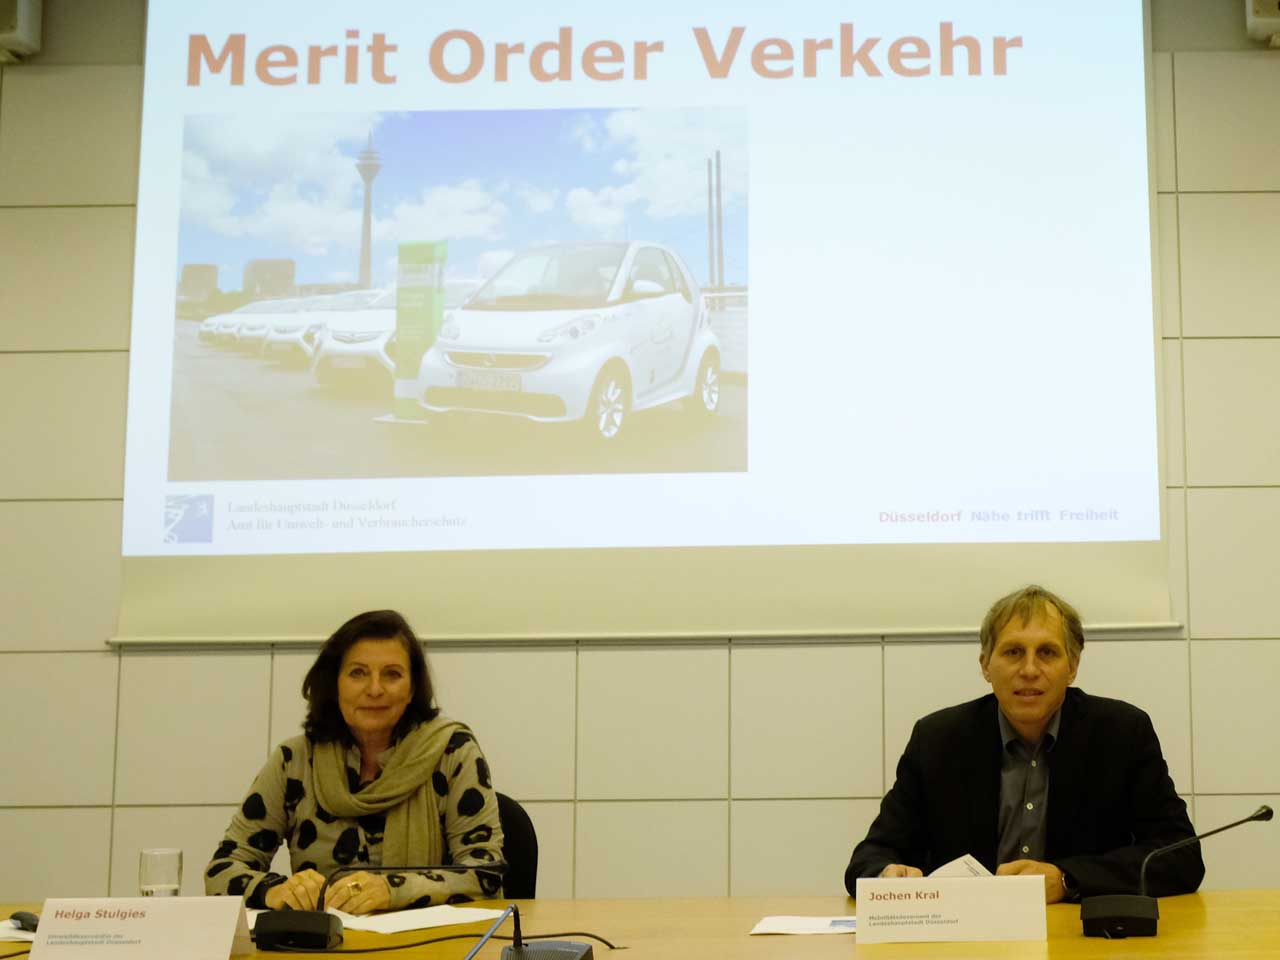 Umweltdezernentin Helga Stulgies und Mobilitätsdezernent Jochen Kral (Foto: Stadt Düsseldorf/Wilfried Meyer)